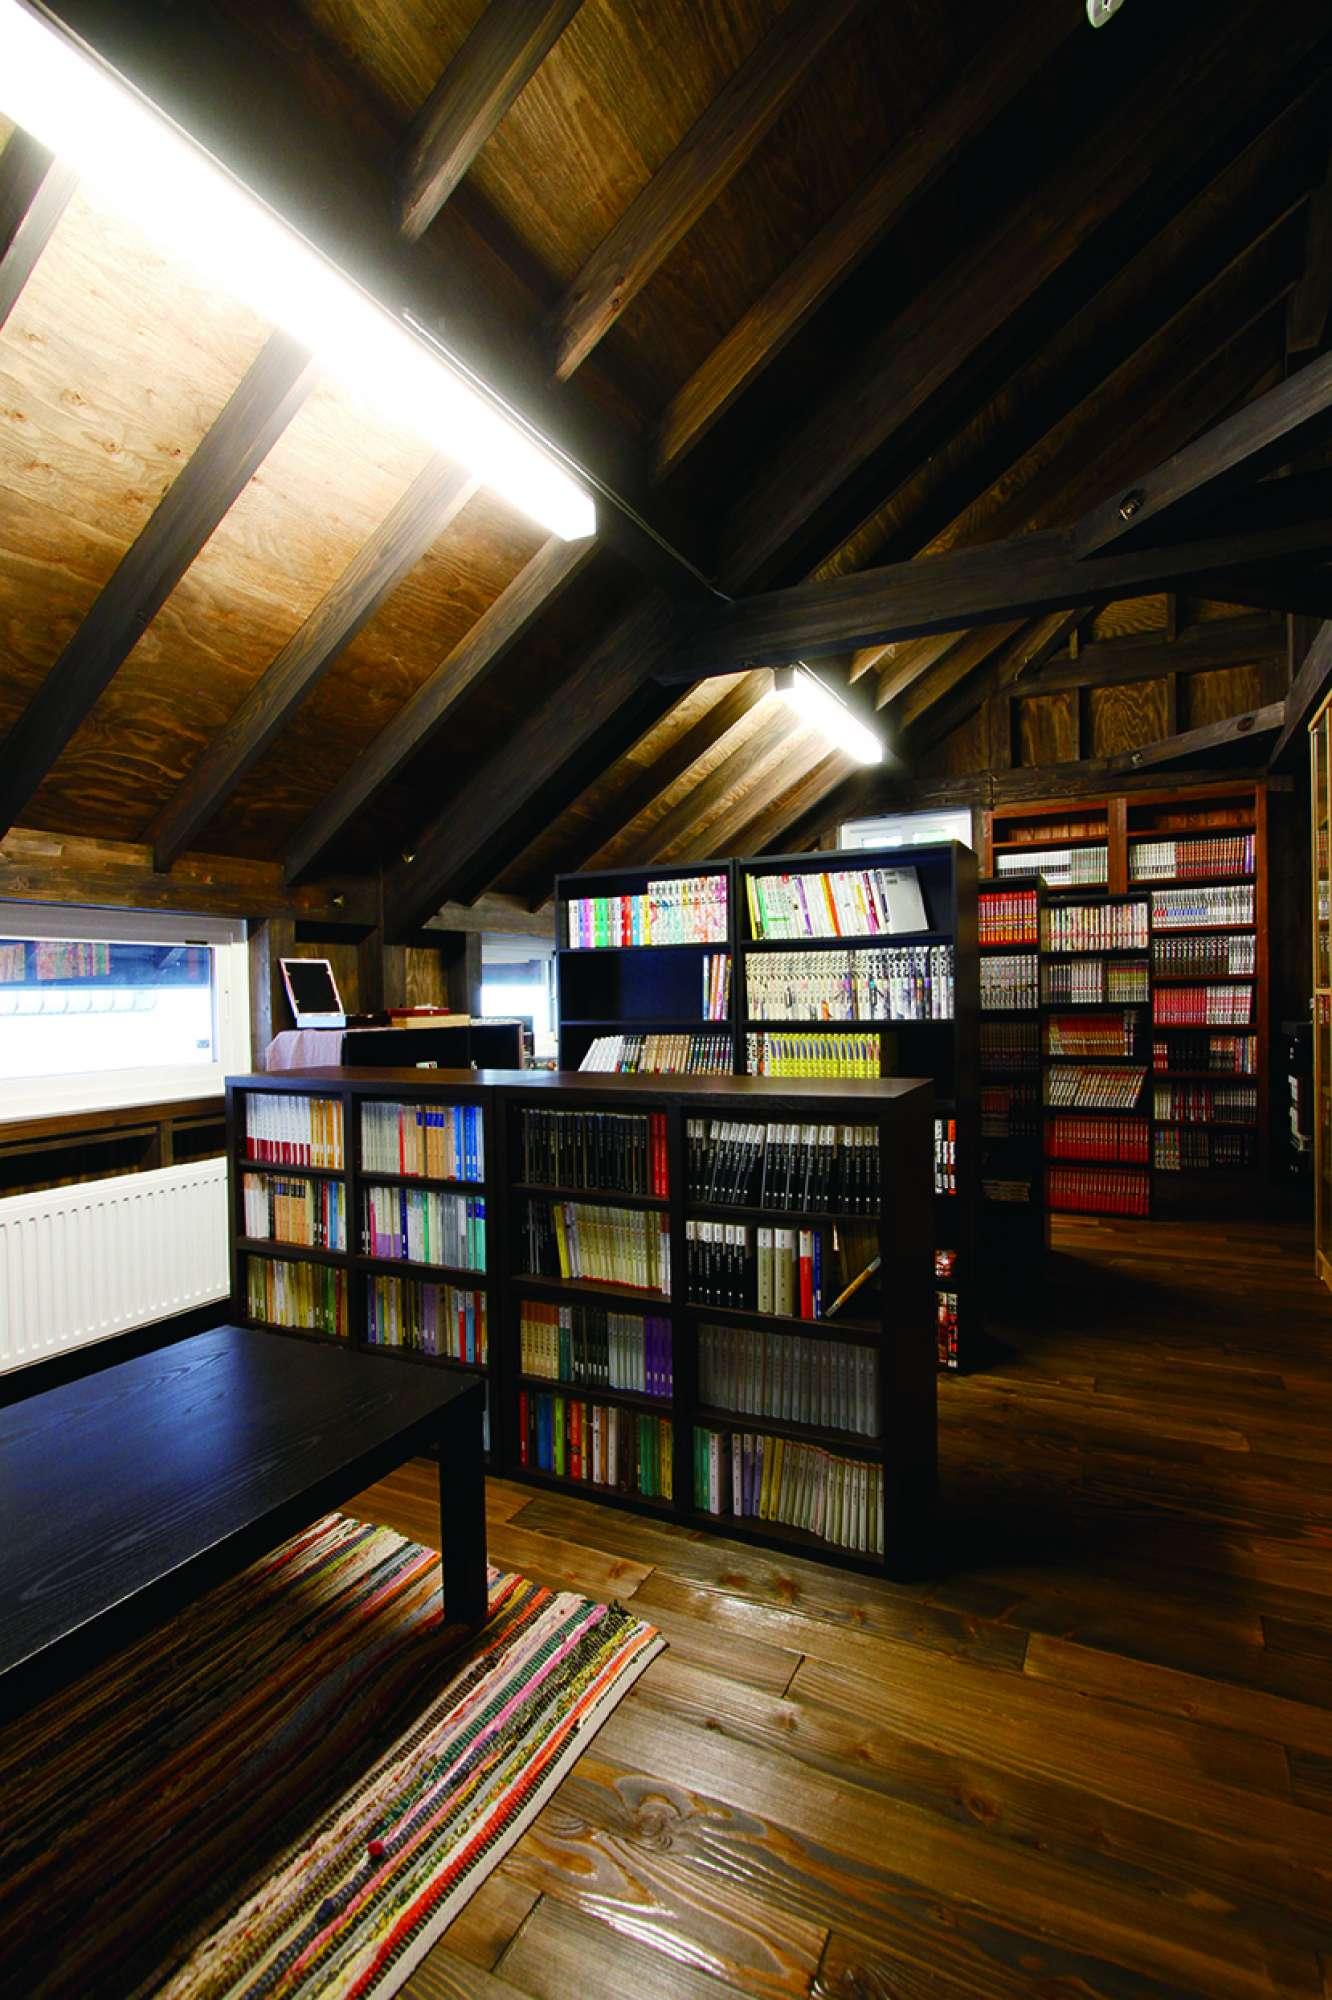 本棚を造作して、図書館をイメージした2階フリースペース -  -  -